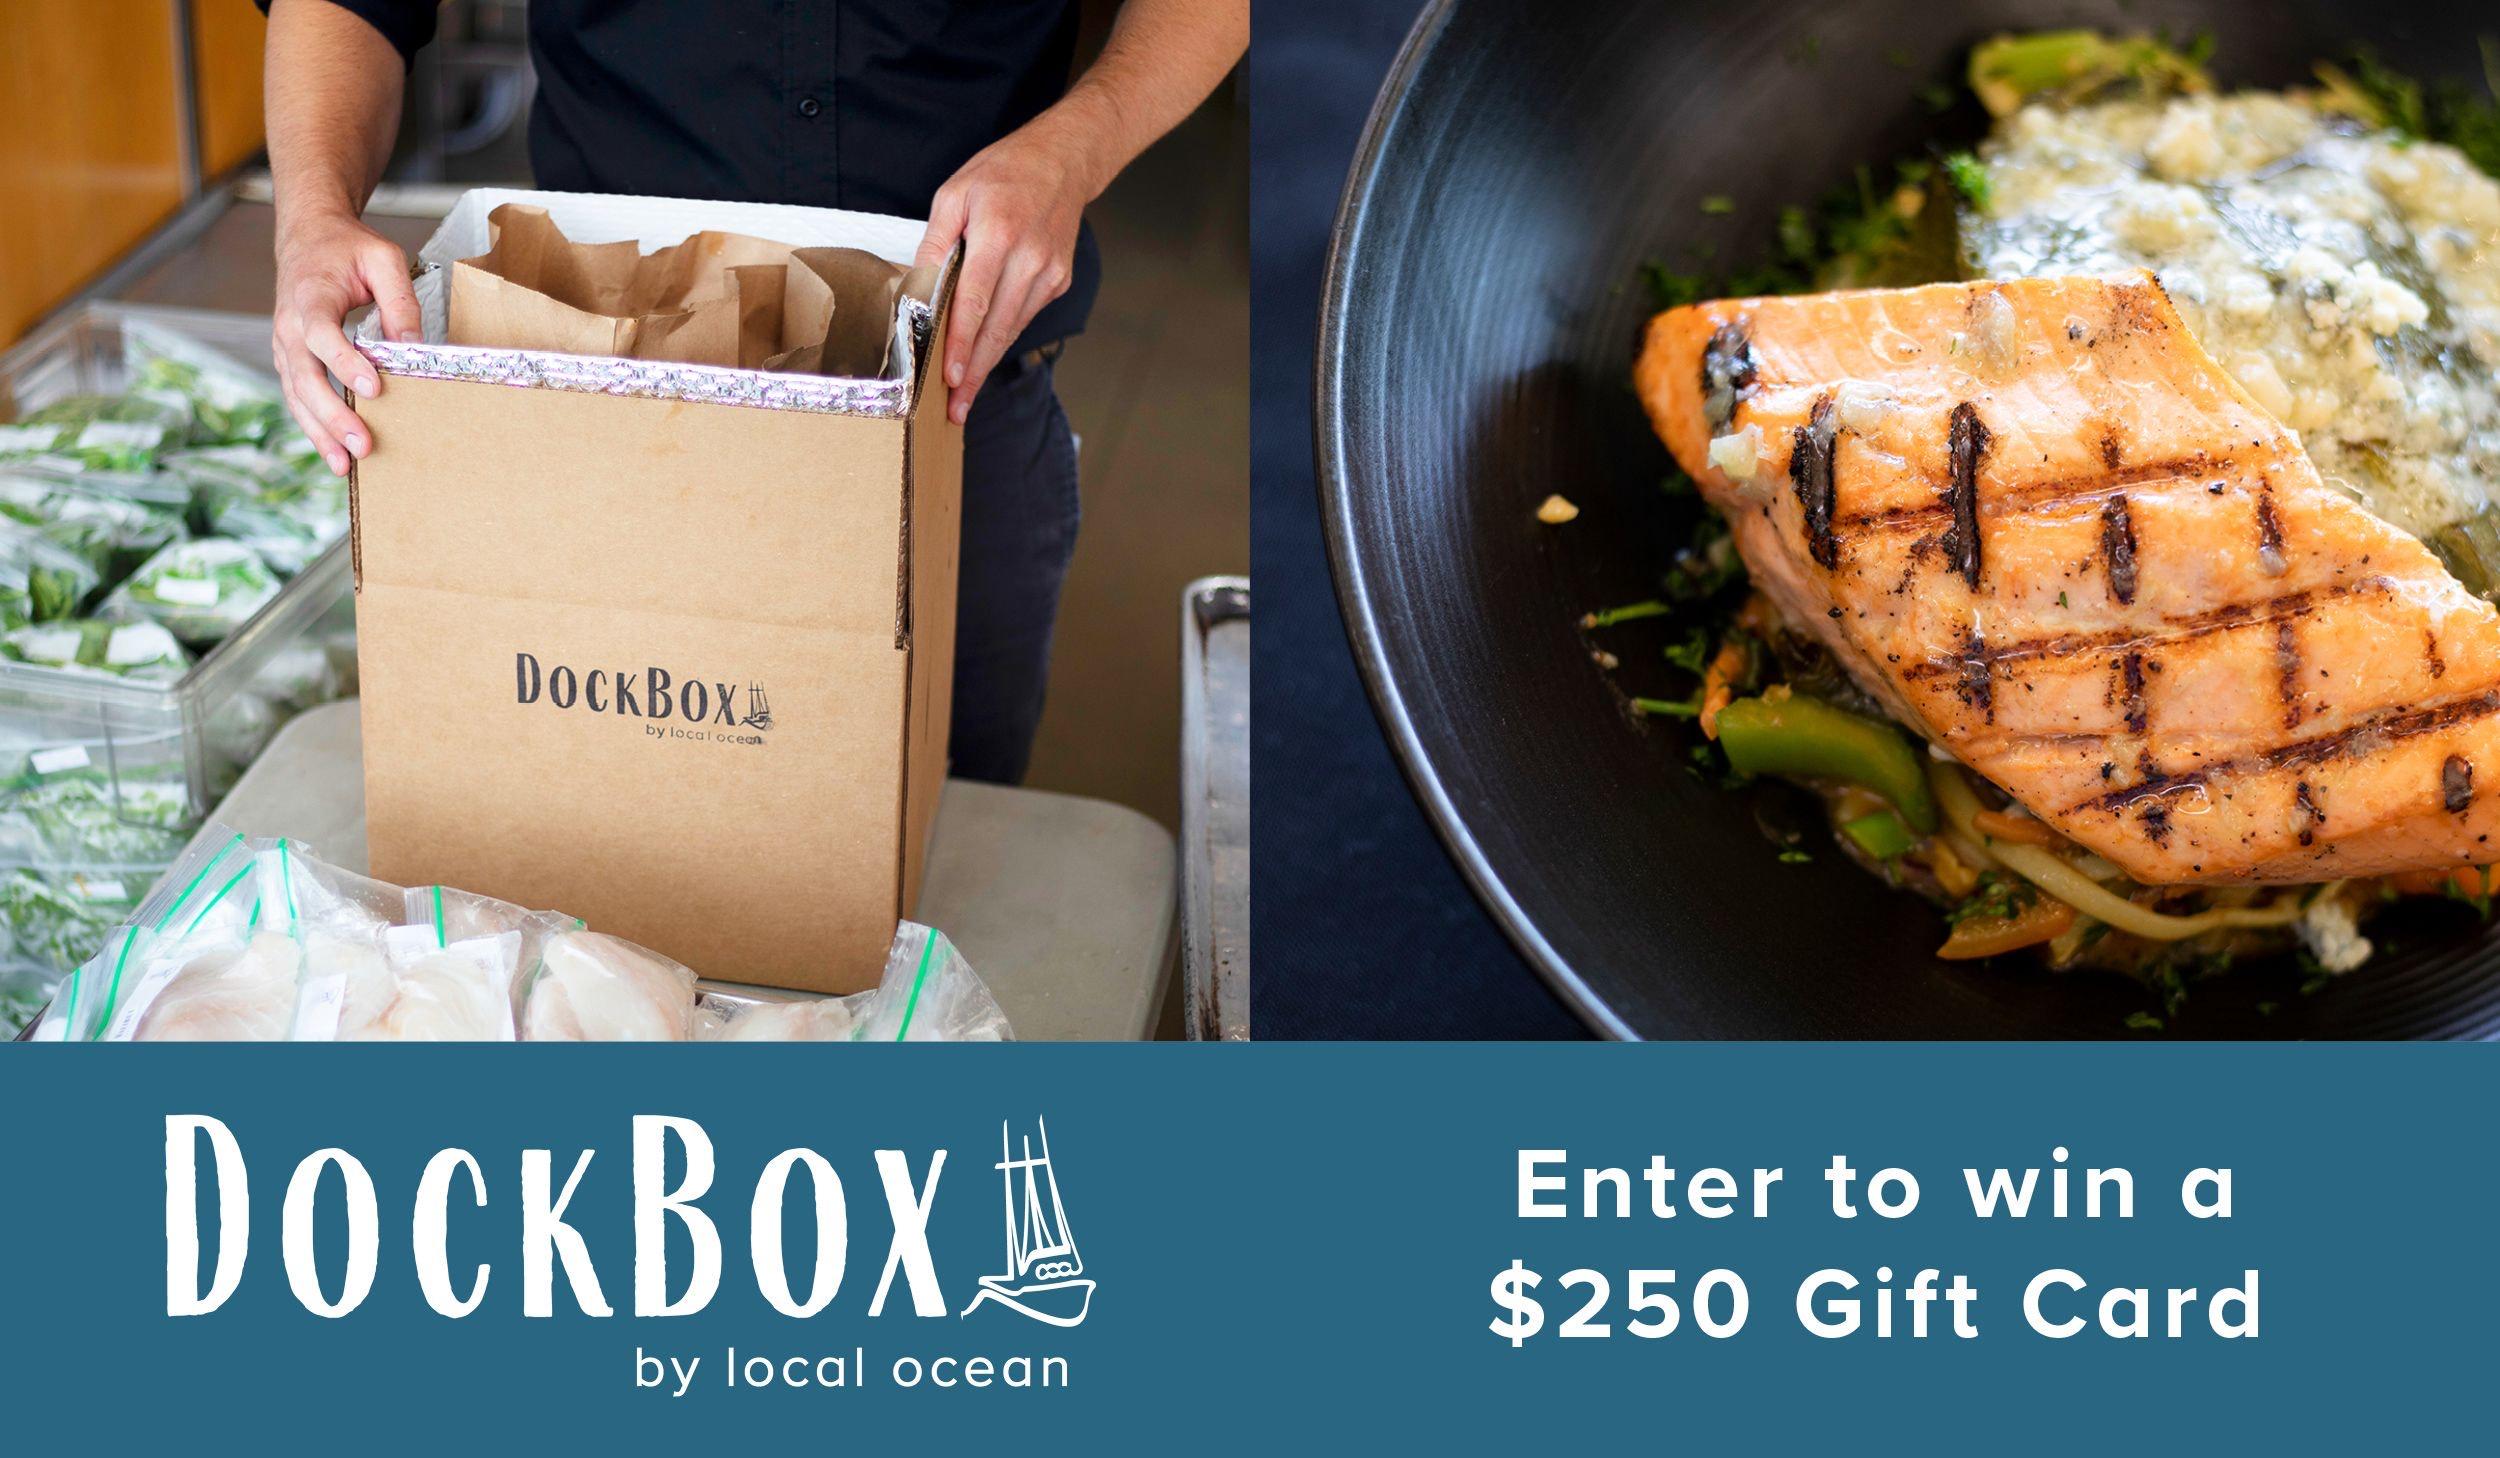 DockBox Contest